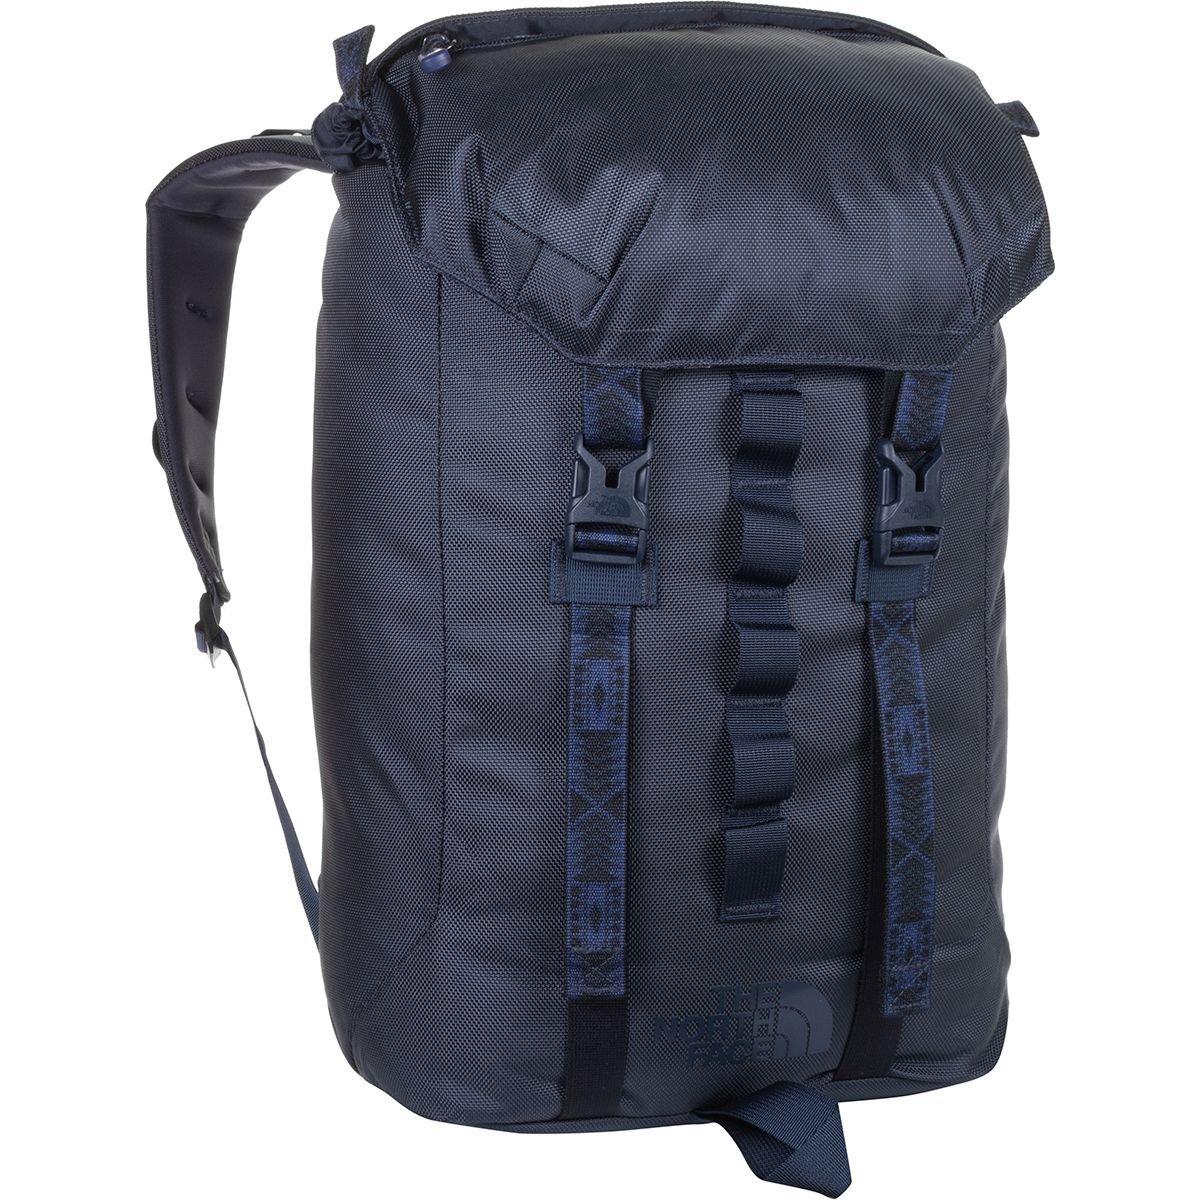 (ザノースフェイス) The North Face Lineage Ruck 23L Backpackメンズ バックパック リュック Urban Navy/Urban Navy [並行輸入品]   B07F9ST2CZ